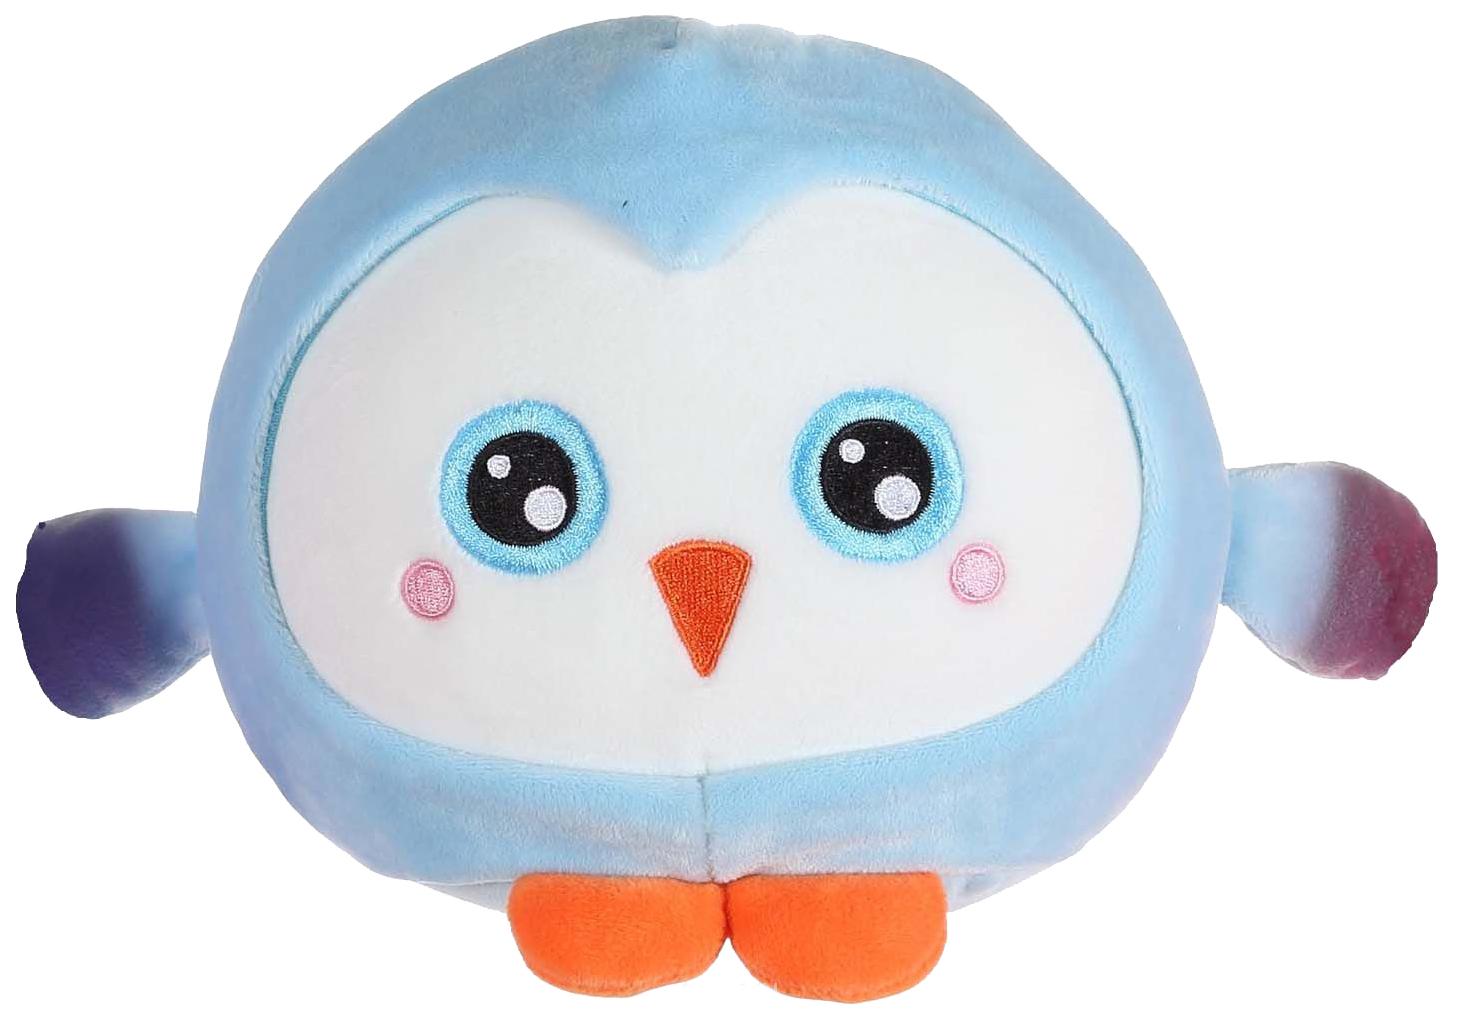 Купить Мягкая игрушка-антистресс 1Toy Squishimals Голубой пингвин 20 см, 1 TOY, Мягкие игрушки антистресс